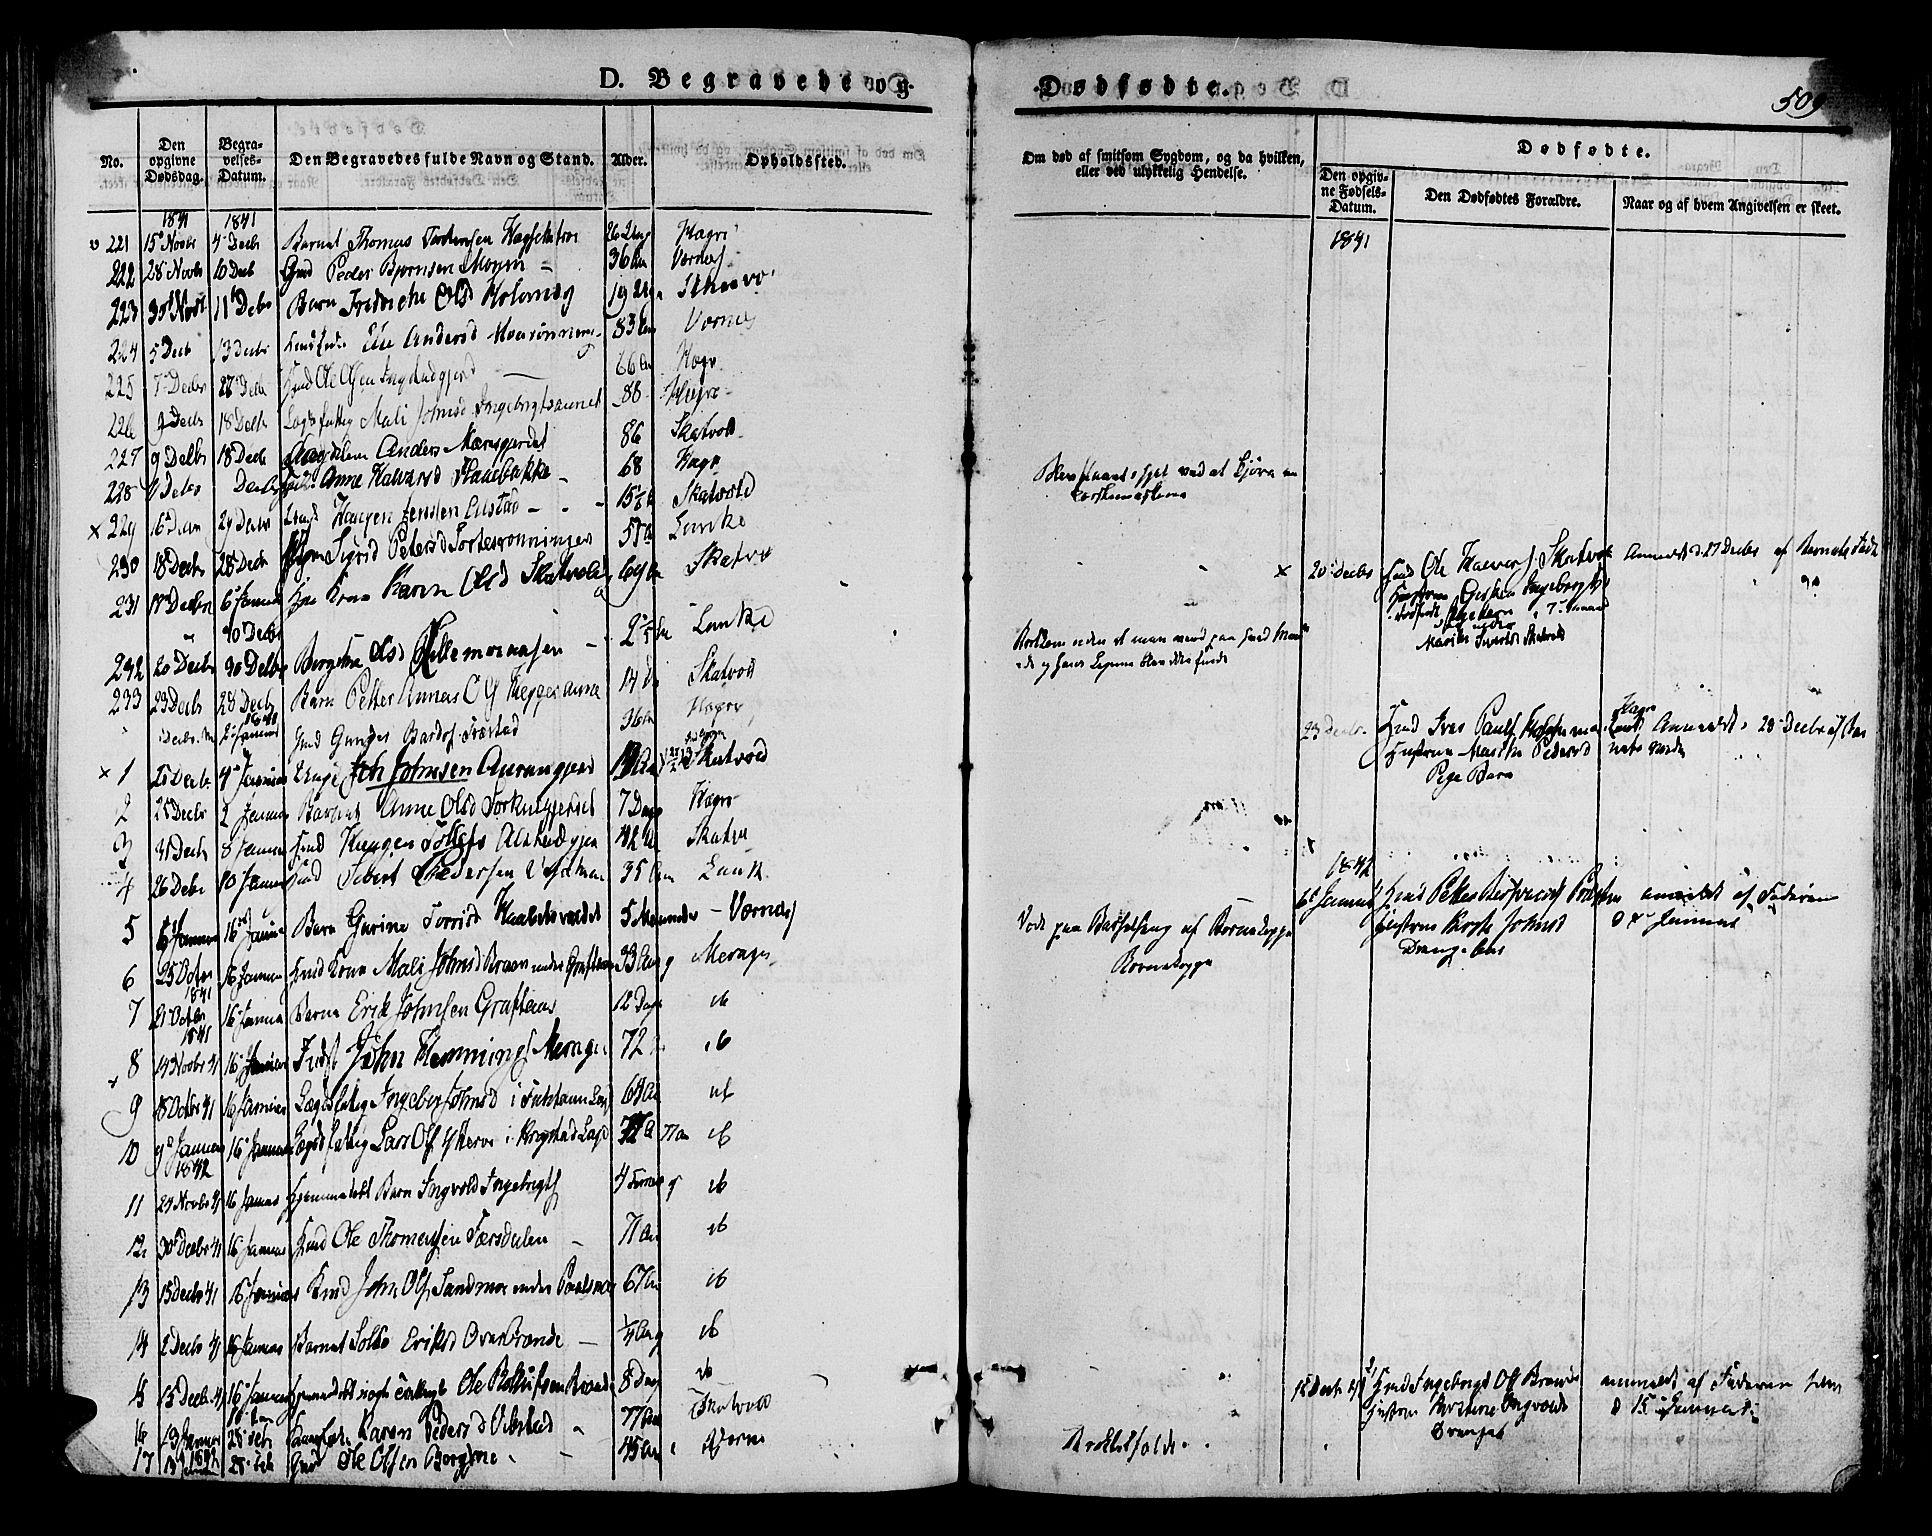 SAT, Ministerialprotokoller, klokkerbøker og fødselsregistre - Nord-Trøndelag, 709/L0072: Ministerialbok nr. 709A12, 1833-1844, s. 509